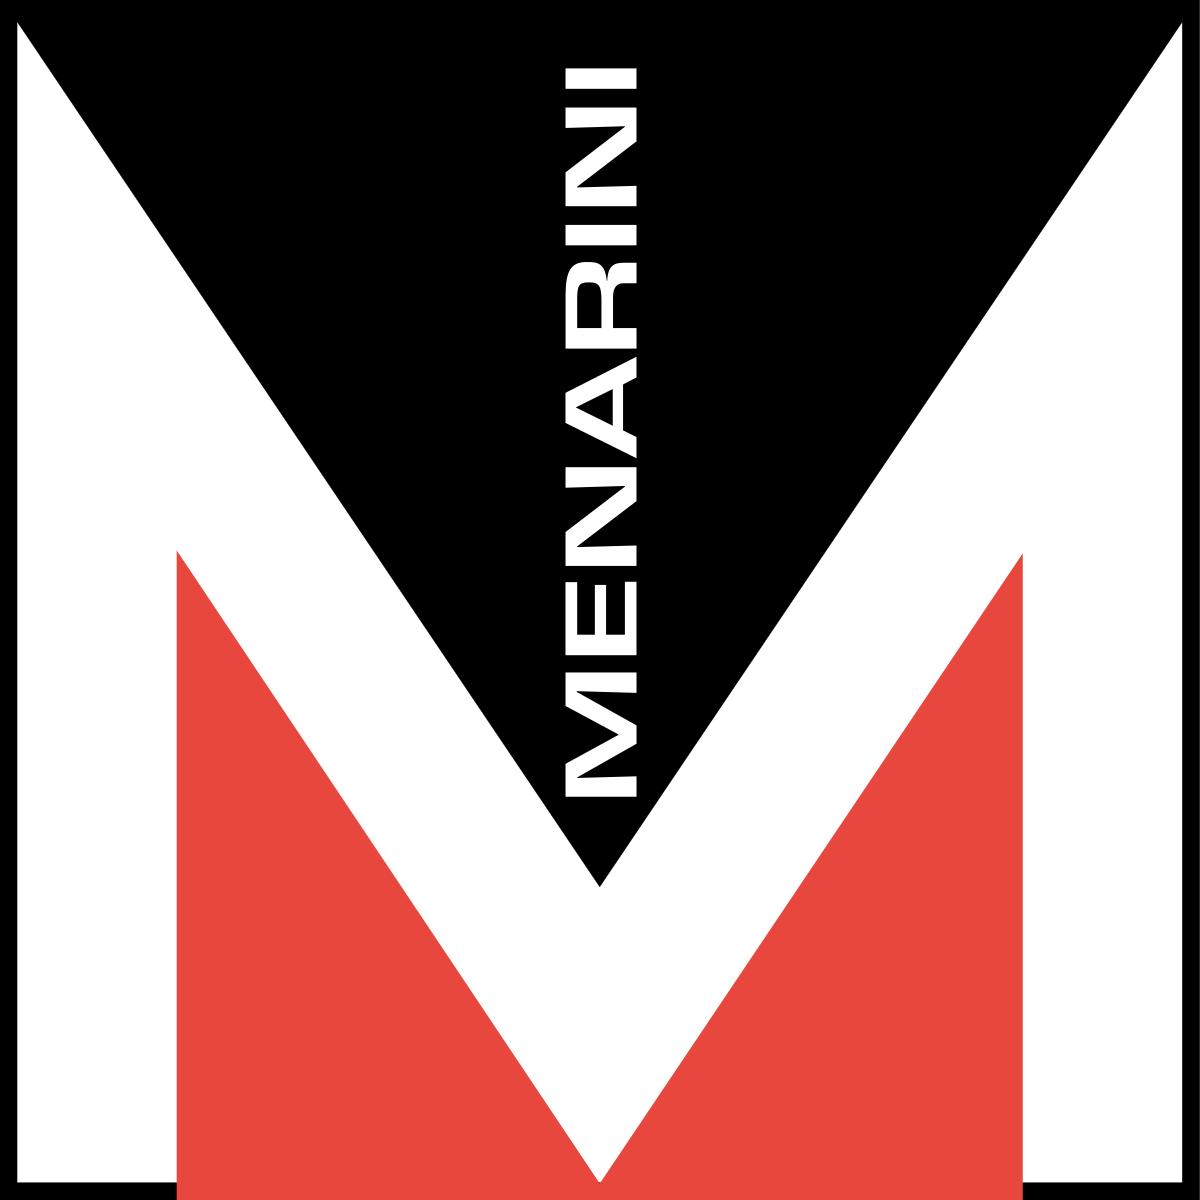 A.MENARINI IND. FARMACEUTICHE